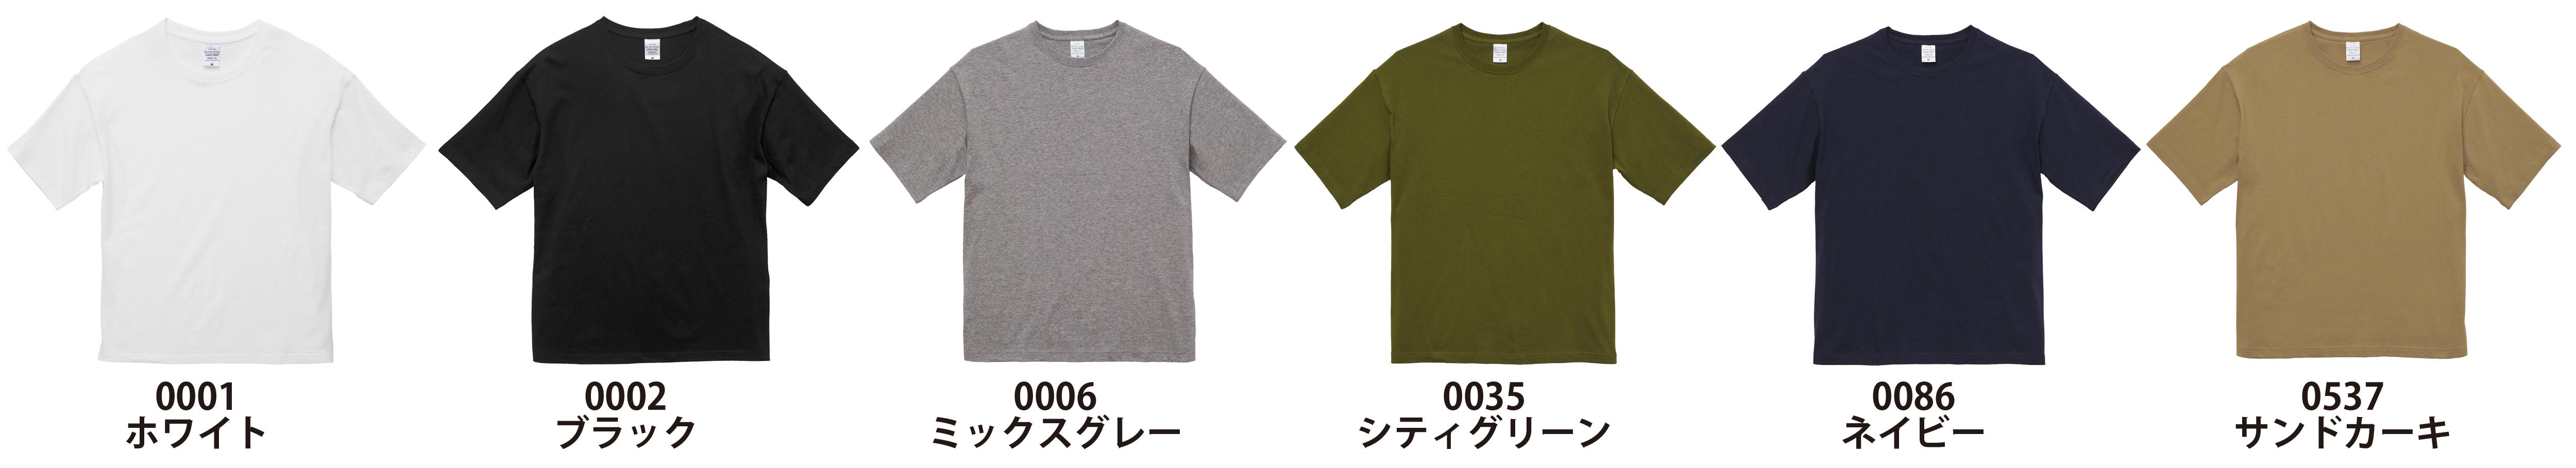 5508-01のカラー展開イメージ